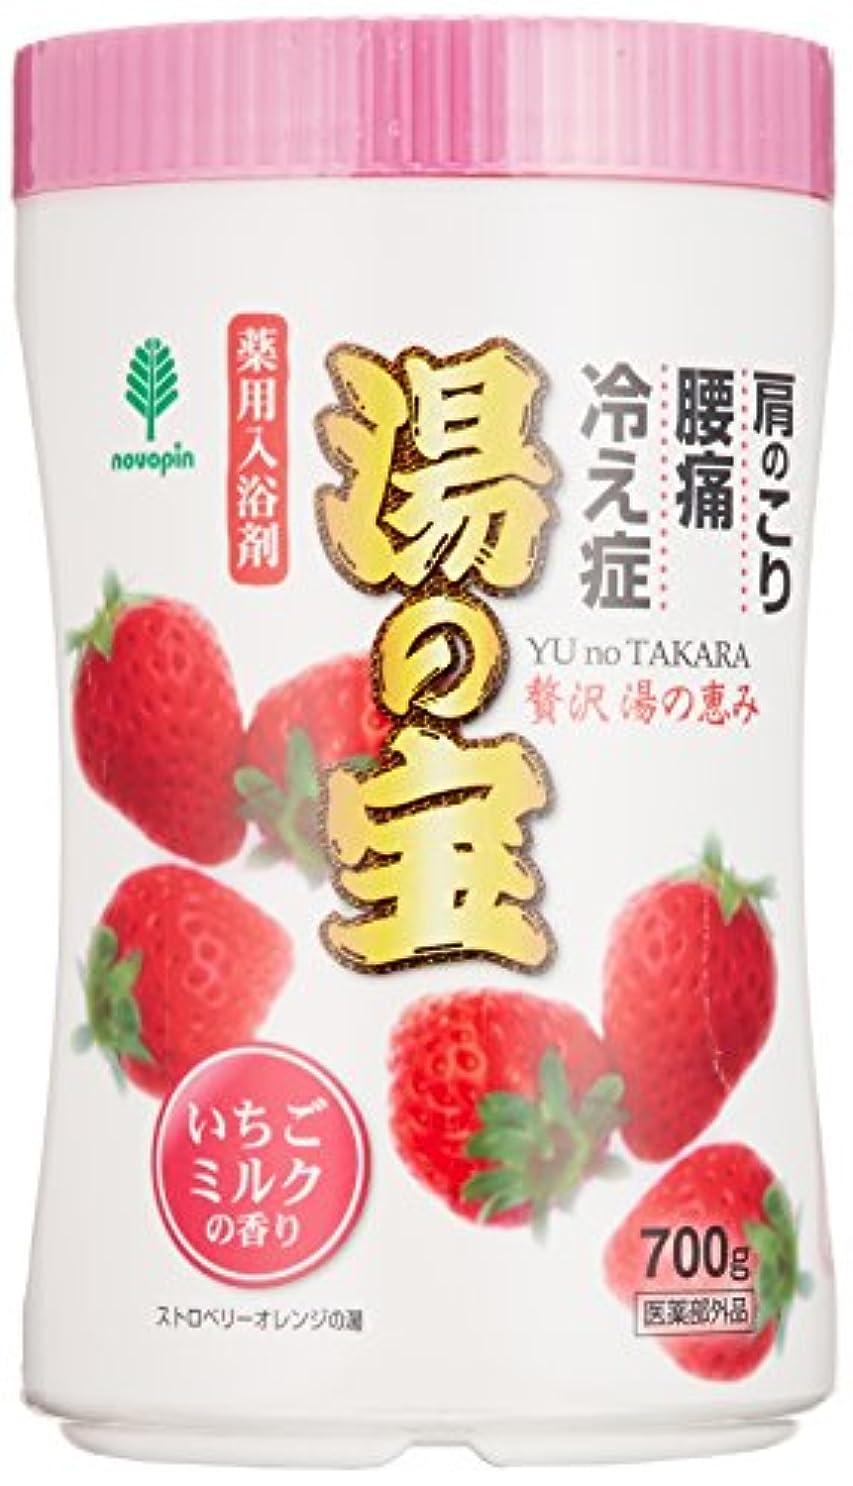 促す保証金不注意紀陽除虫菊 入浴剤 湯の宝 いちごミルクの香り 700g